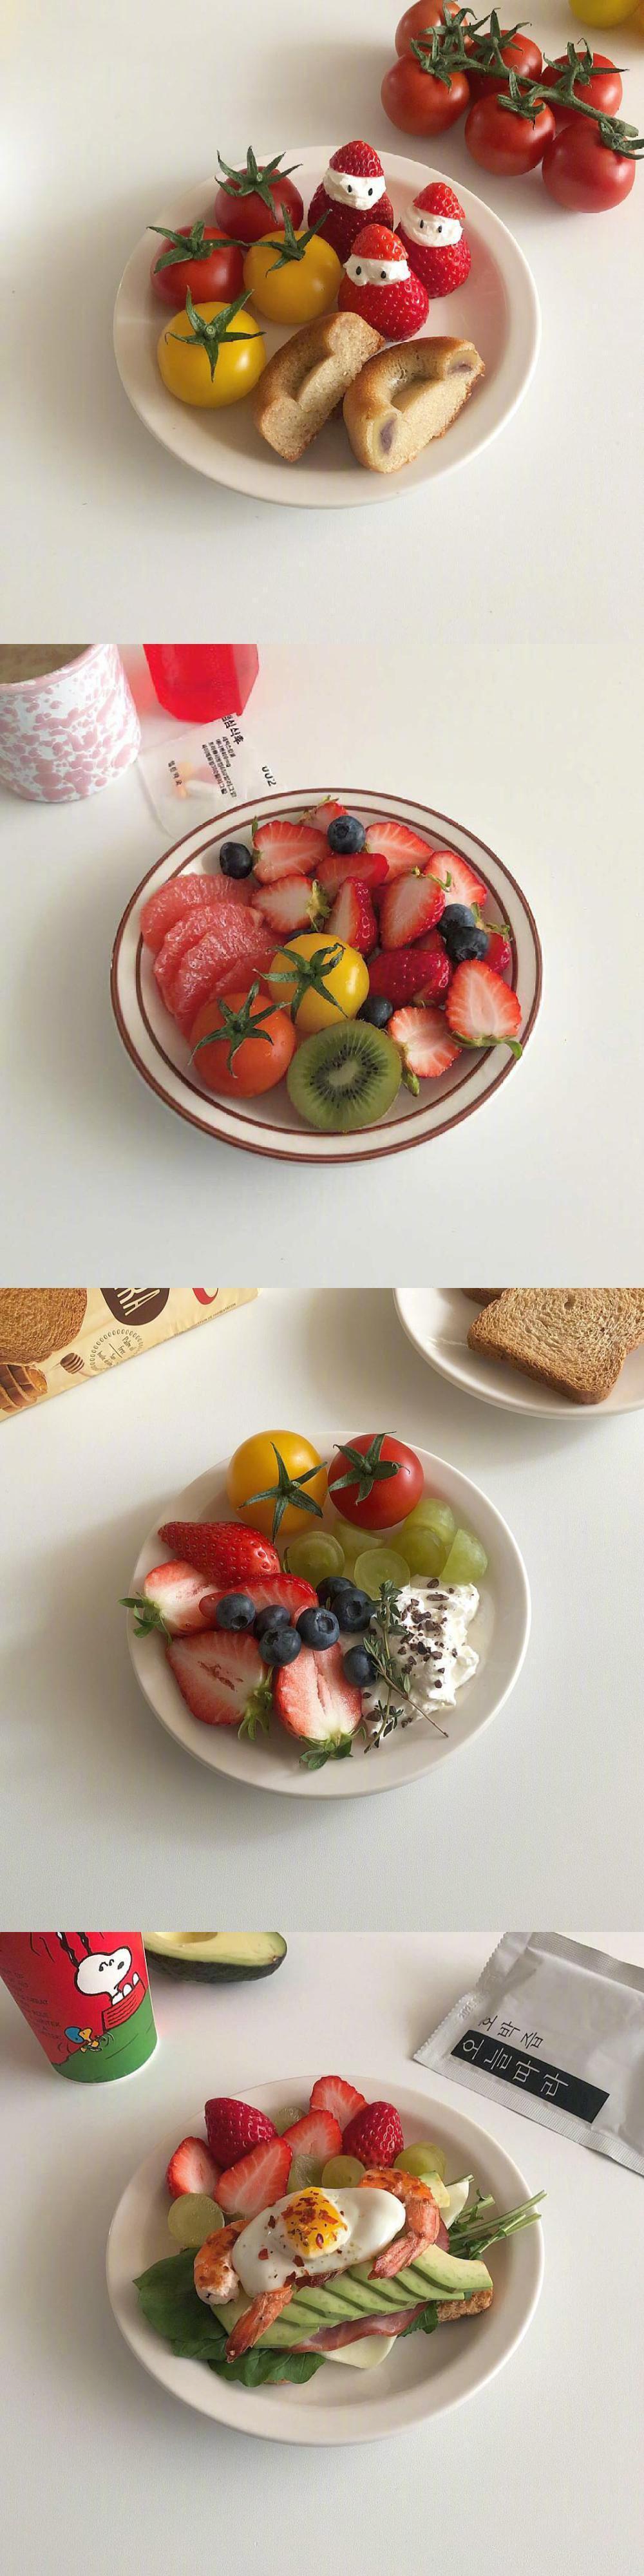 草莓低脂减肥餐 .